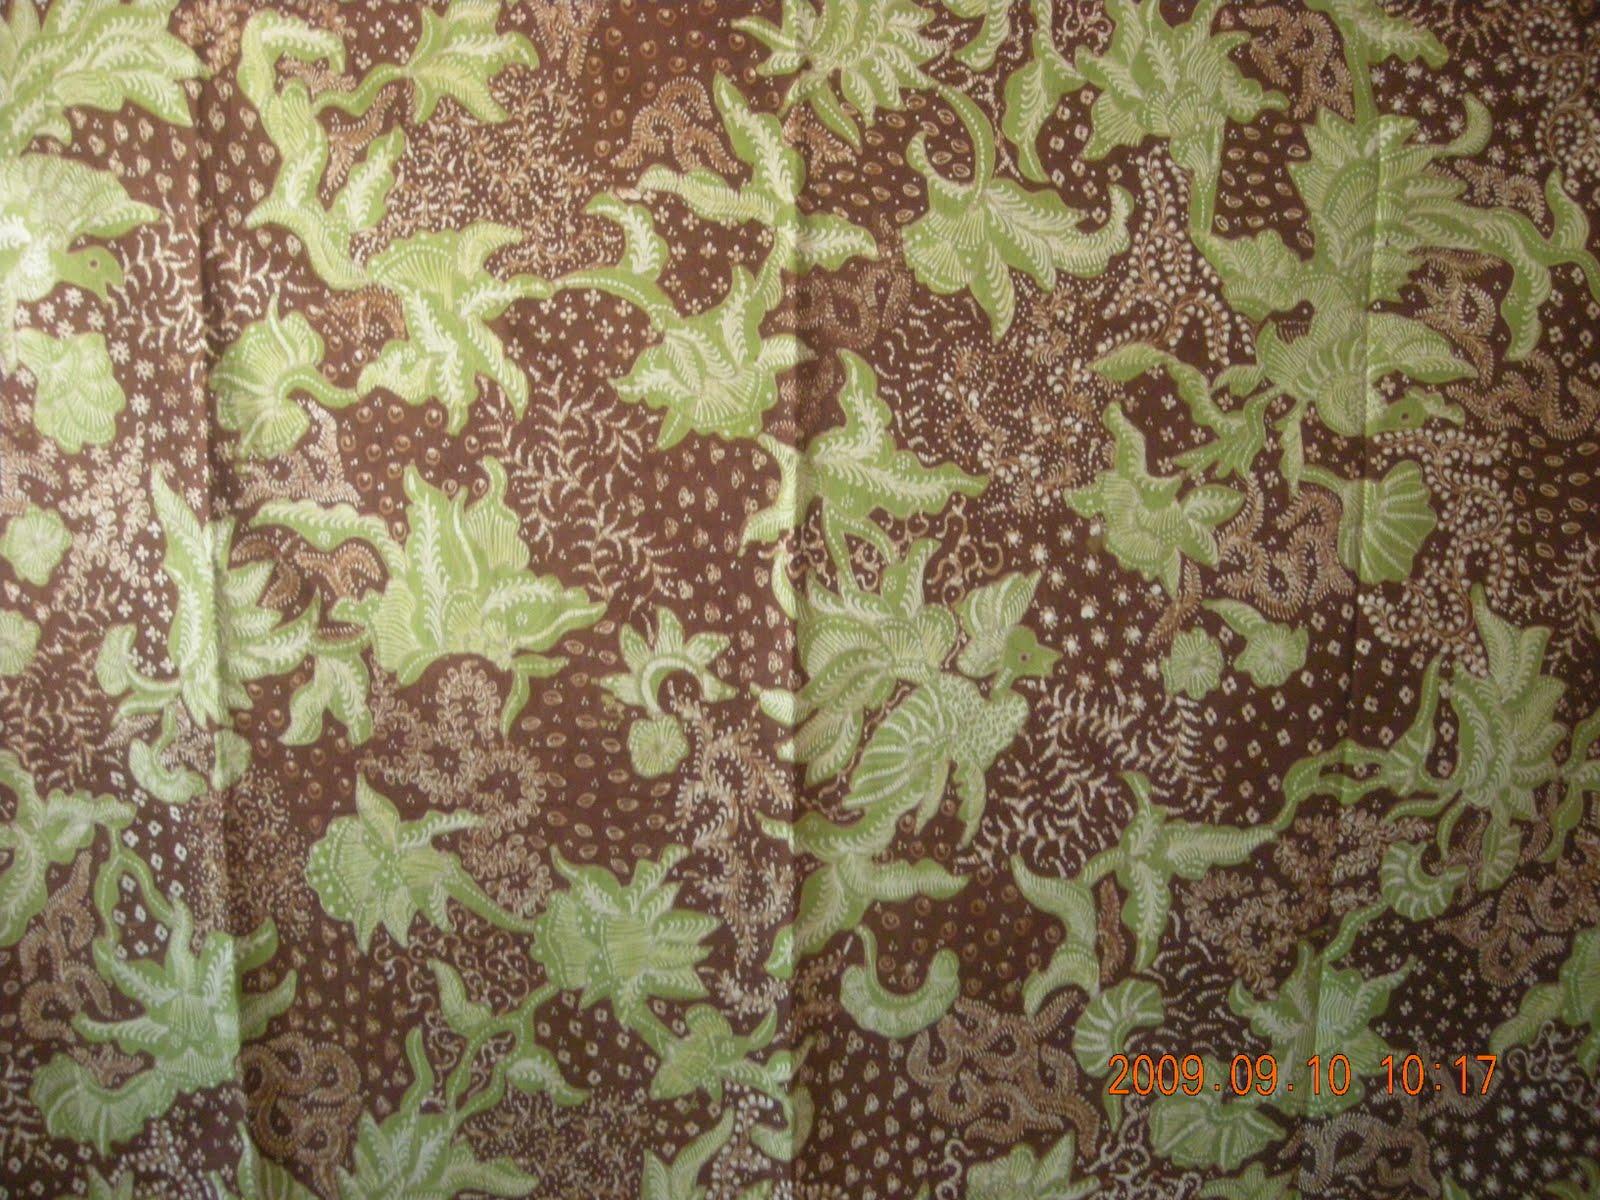 Motif Sekar Jagad Ukuran 110 cm x 240 cm Harga Rp 400 000 Jenis Batik Tulis Produksi Batik Tulis Lasem Warna Tersedia Kombinasi Coklat Hijau